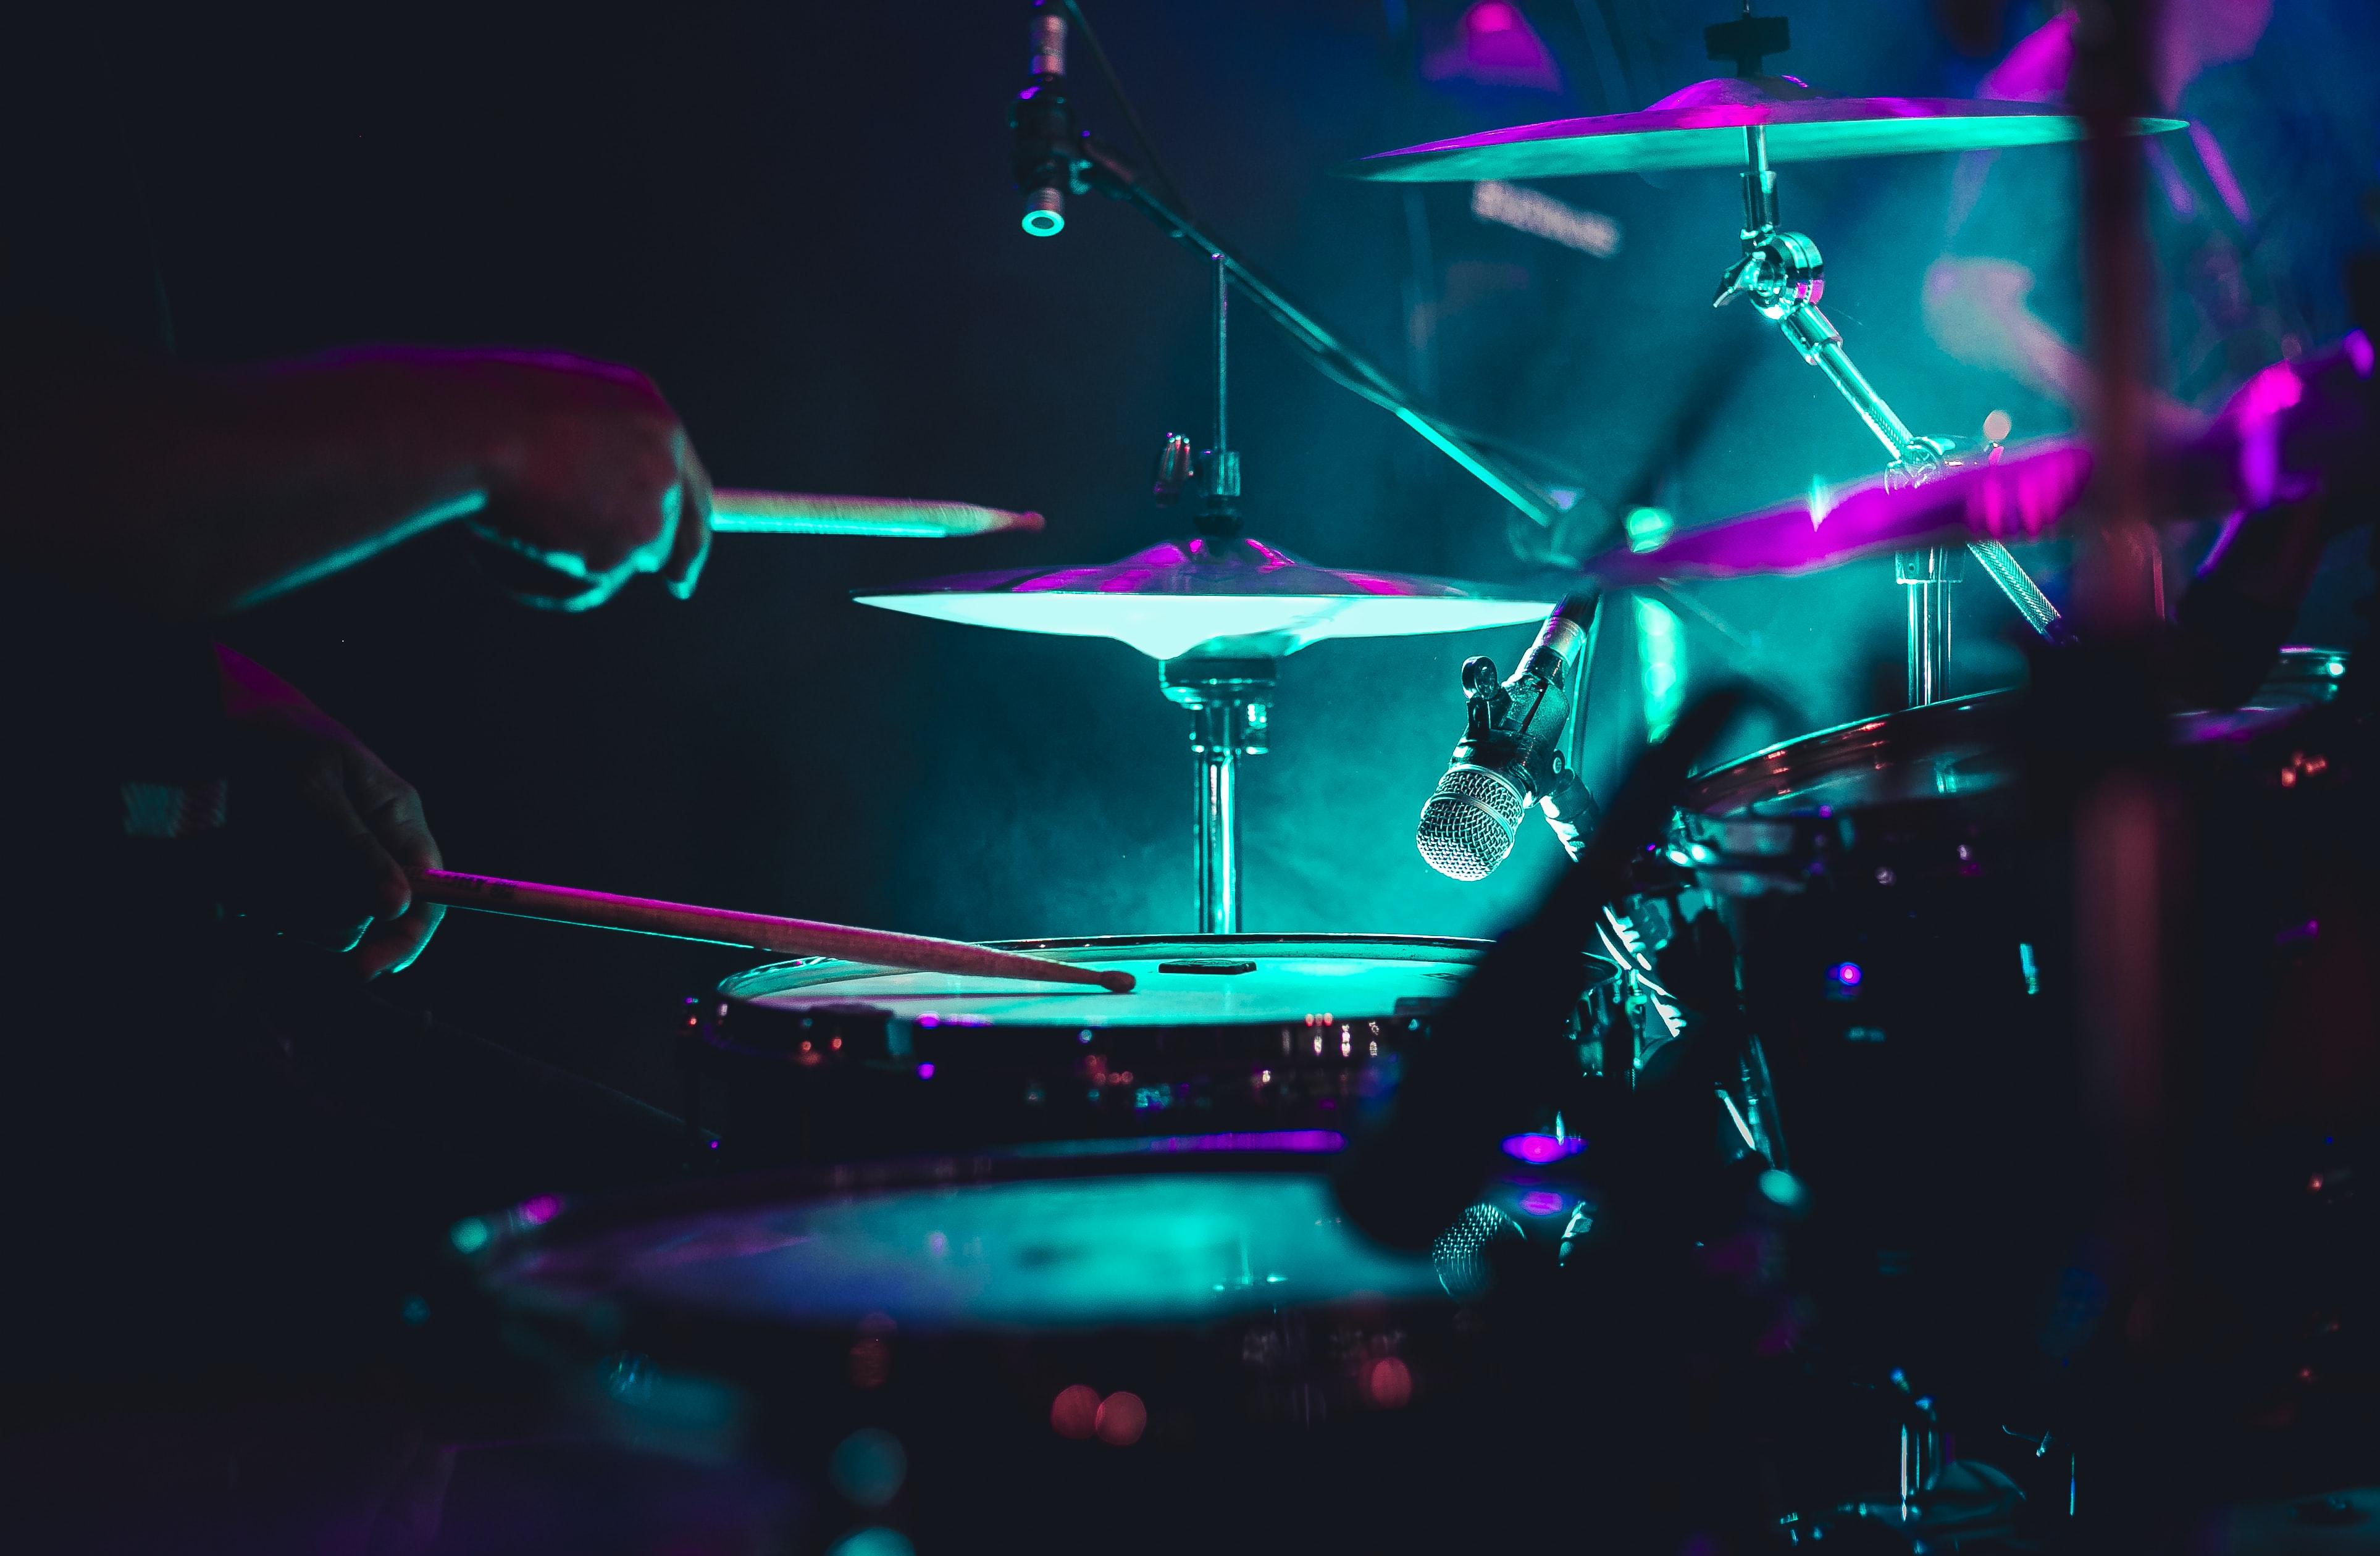 free 808 drum kit